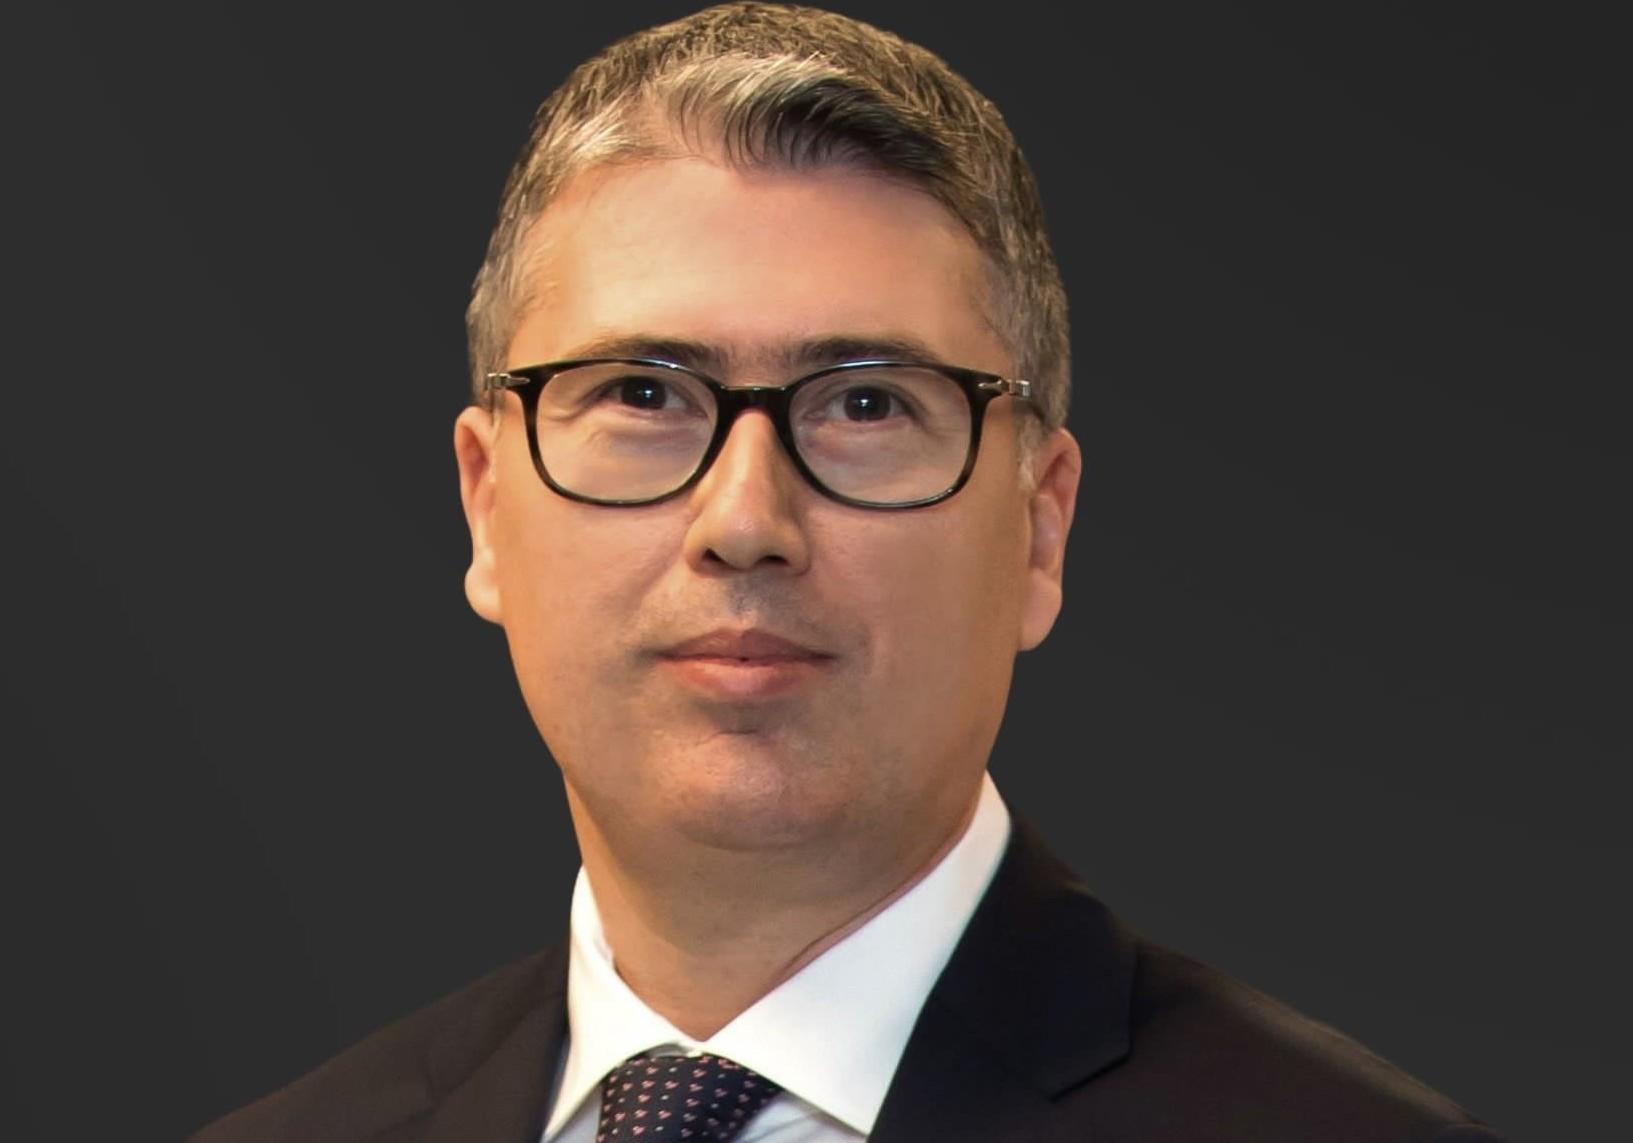 """Teknosa Dijital Ticaret ve Pazarlama Genel Müdür Yardımcısı Emre Kurtoğlu: """"Teknolojiye erişim önemini koruyacak"""""""